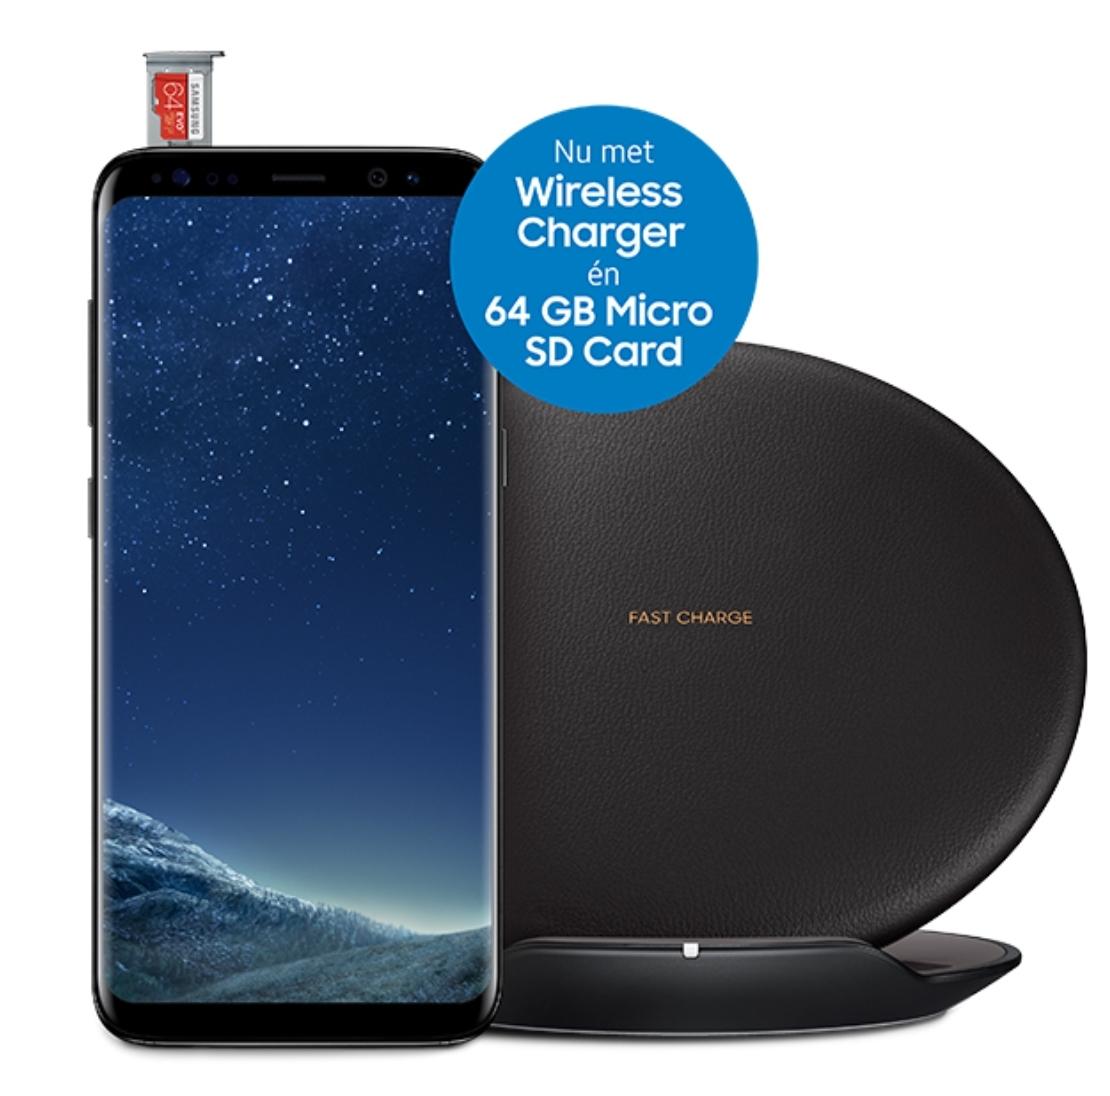 Gratis Wireless Charger en een 64 GB MicroSD Card bij aankoop van Samsung S8/S8+ @ Samsung